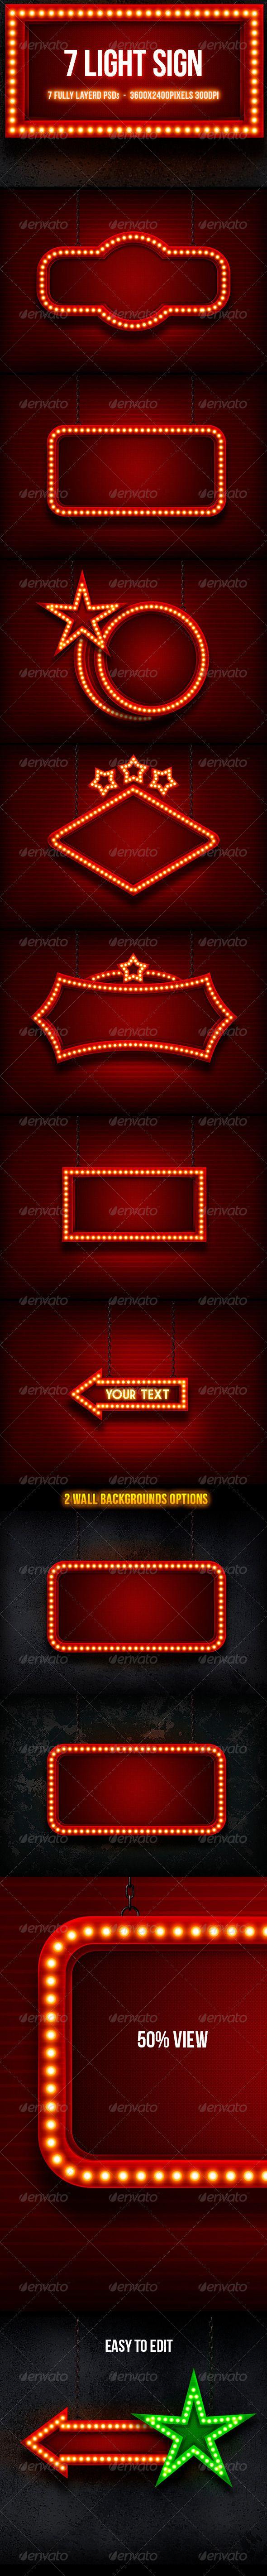 Light Sign - Backgro...